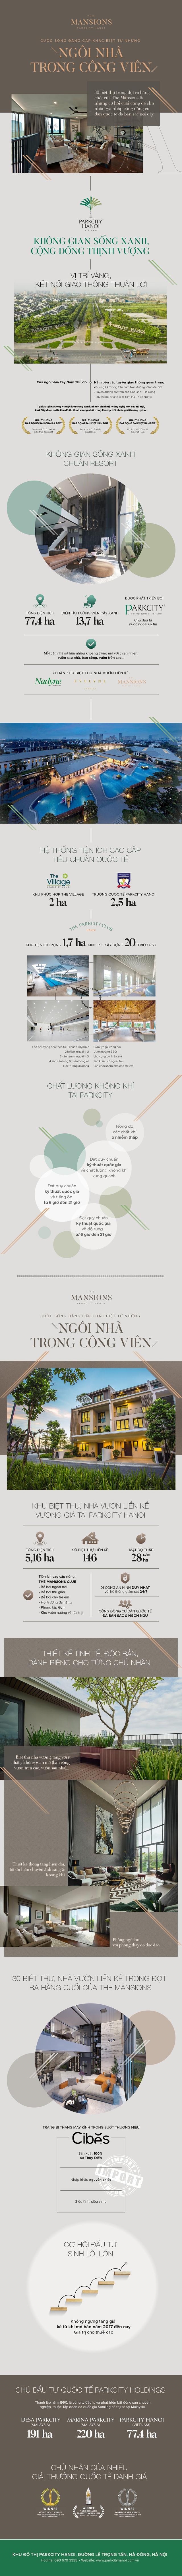 The Mansions ParkCity Hanoi - Cuộc sống đẳng cấp khác biệt từ những ngôi nhà trong công viên - Ảnh 1.